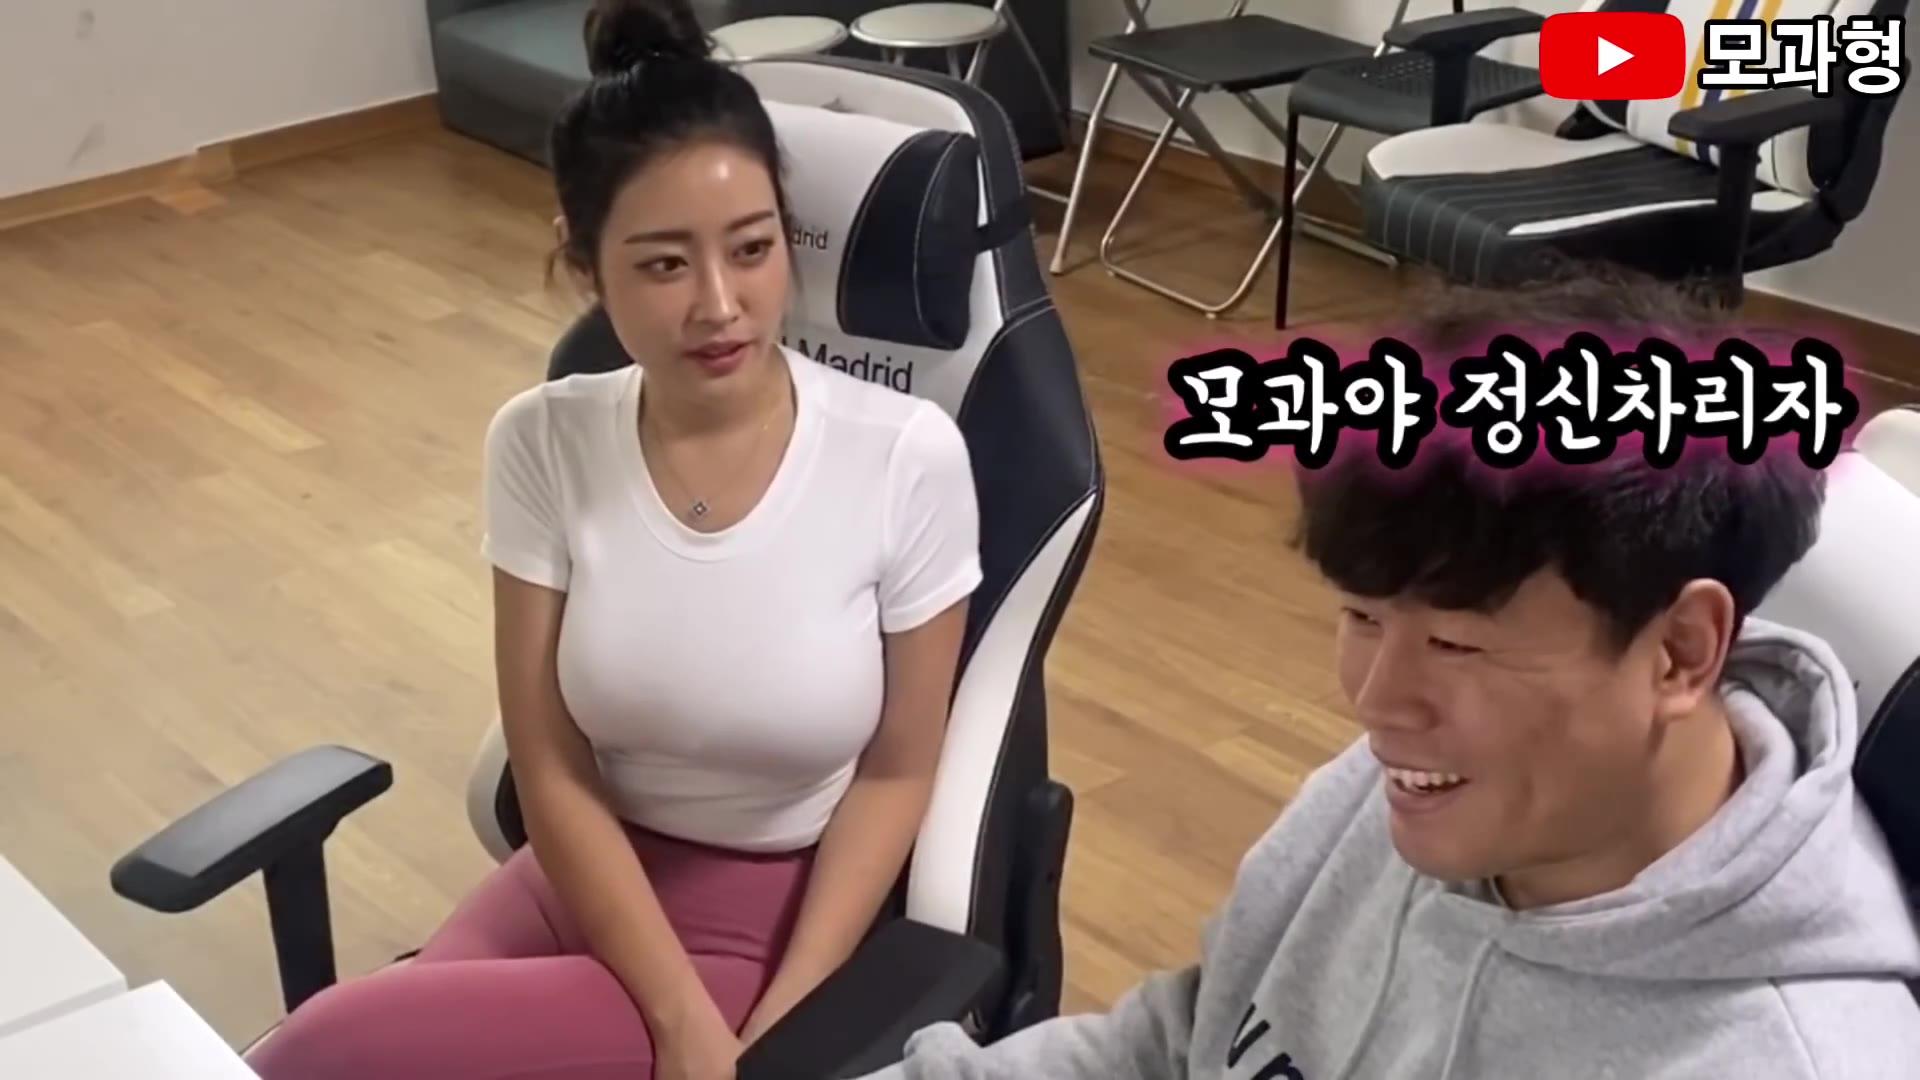 众所周知,只有韩语十级才能看懂这个视频~